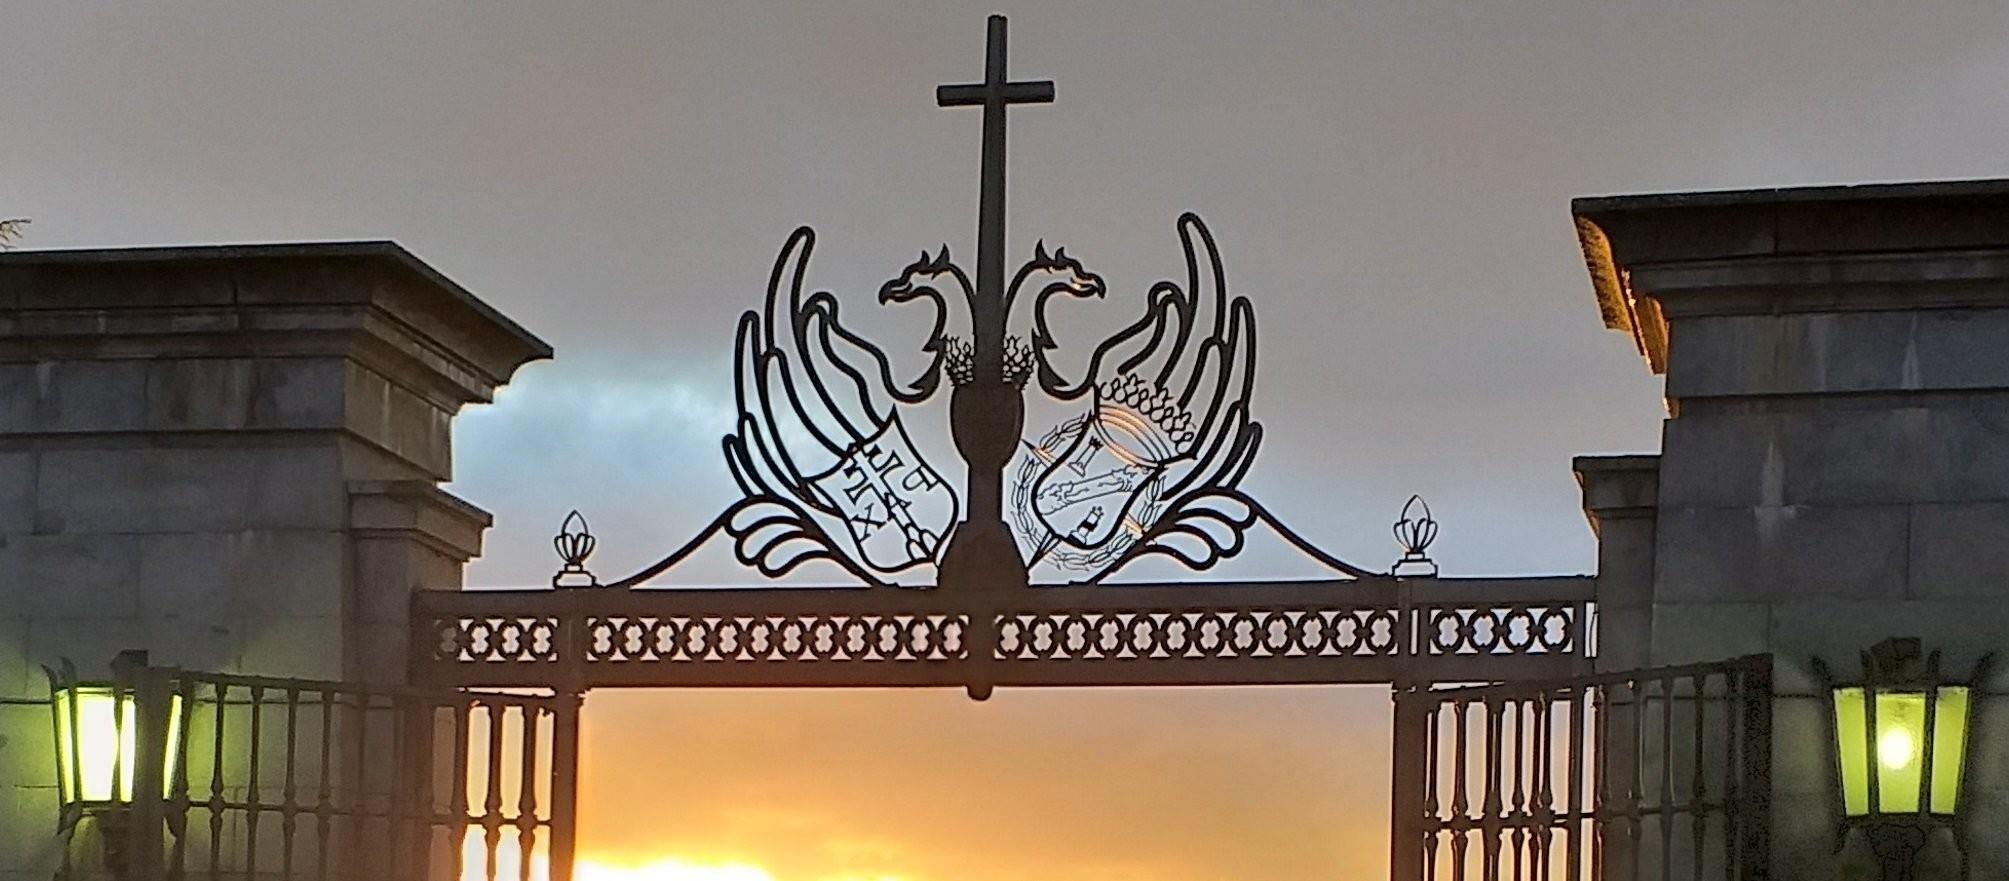 El Gobierno se dejó un recuerdo de Franco en el Valle de los Caídos